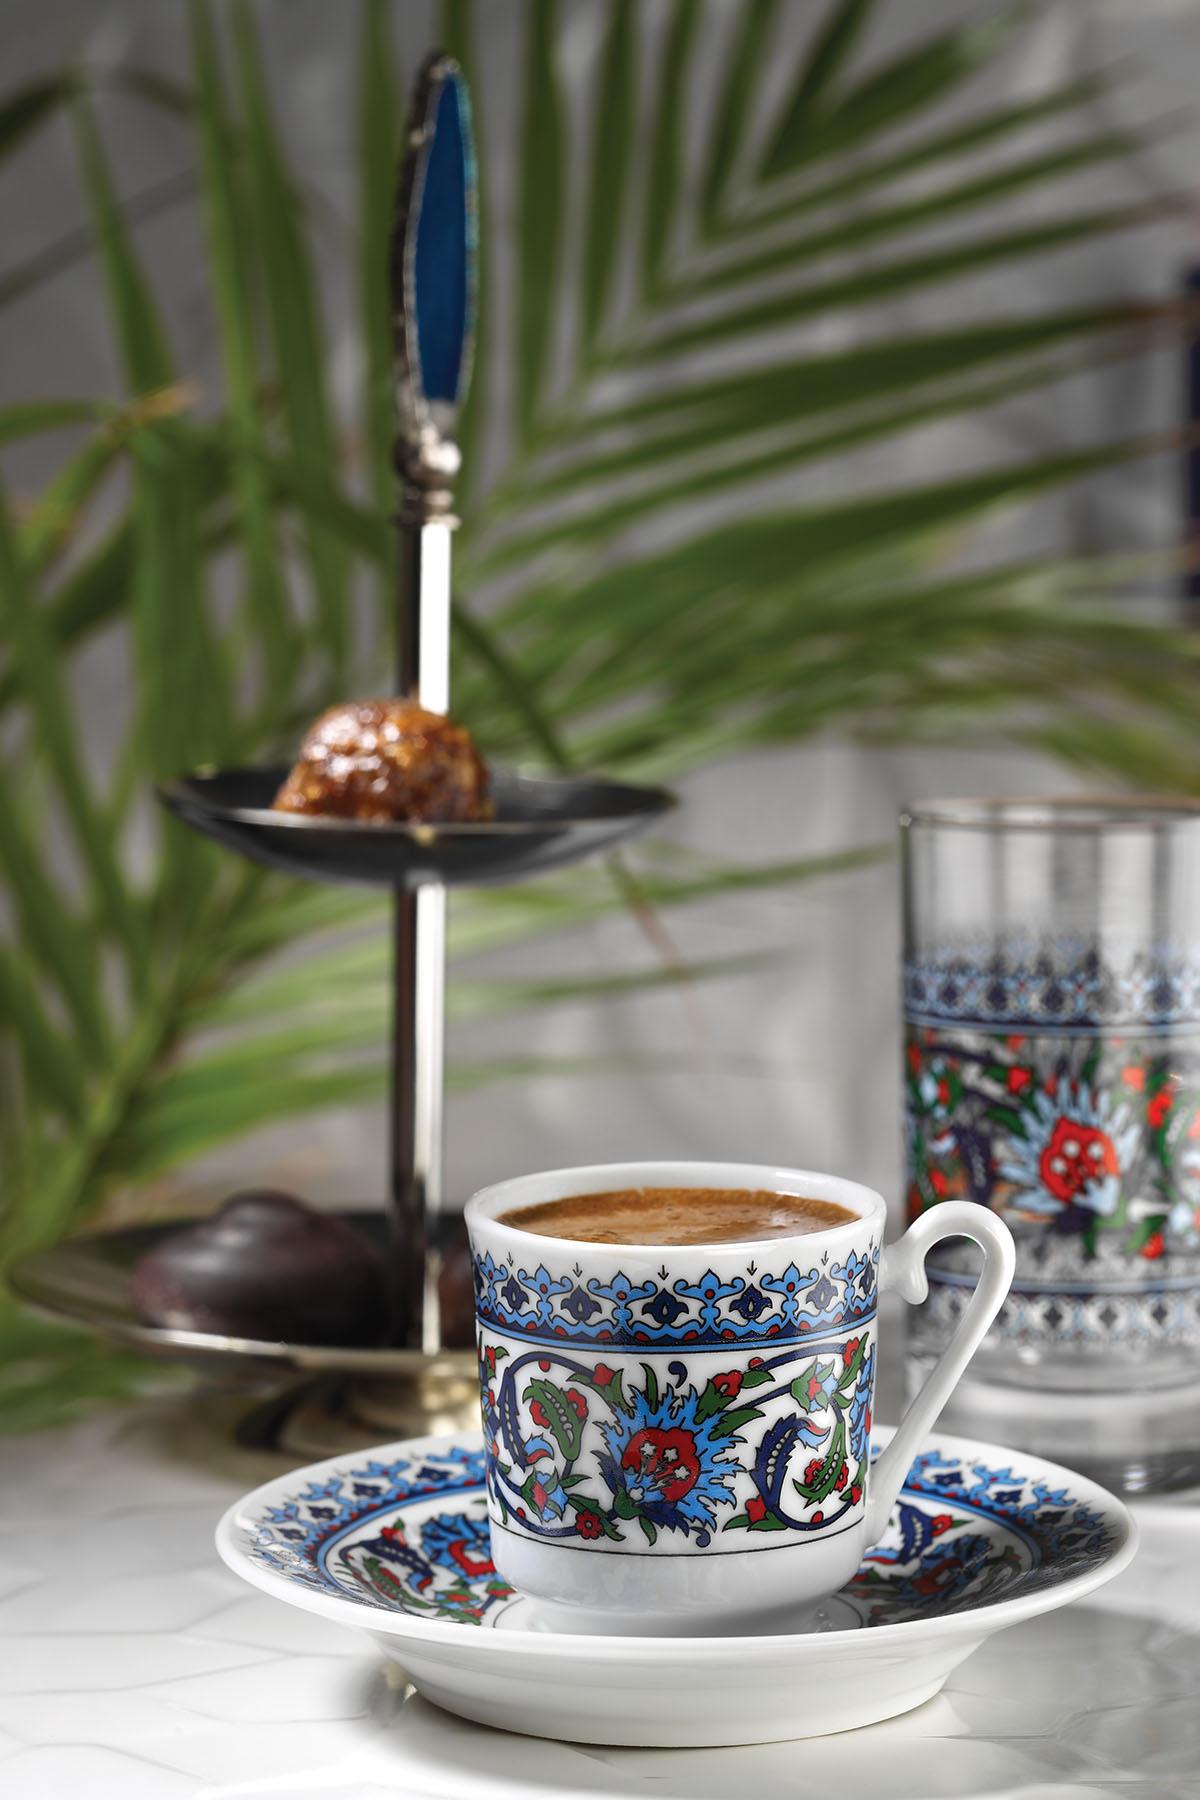 Kütahya Porselen - Kütahya Porselen Topkapı Fincan Takımı